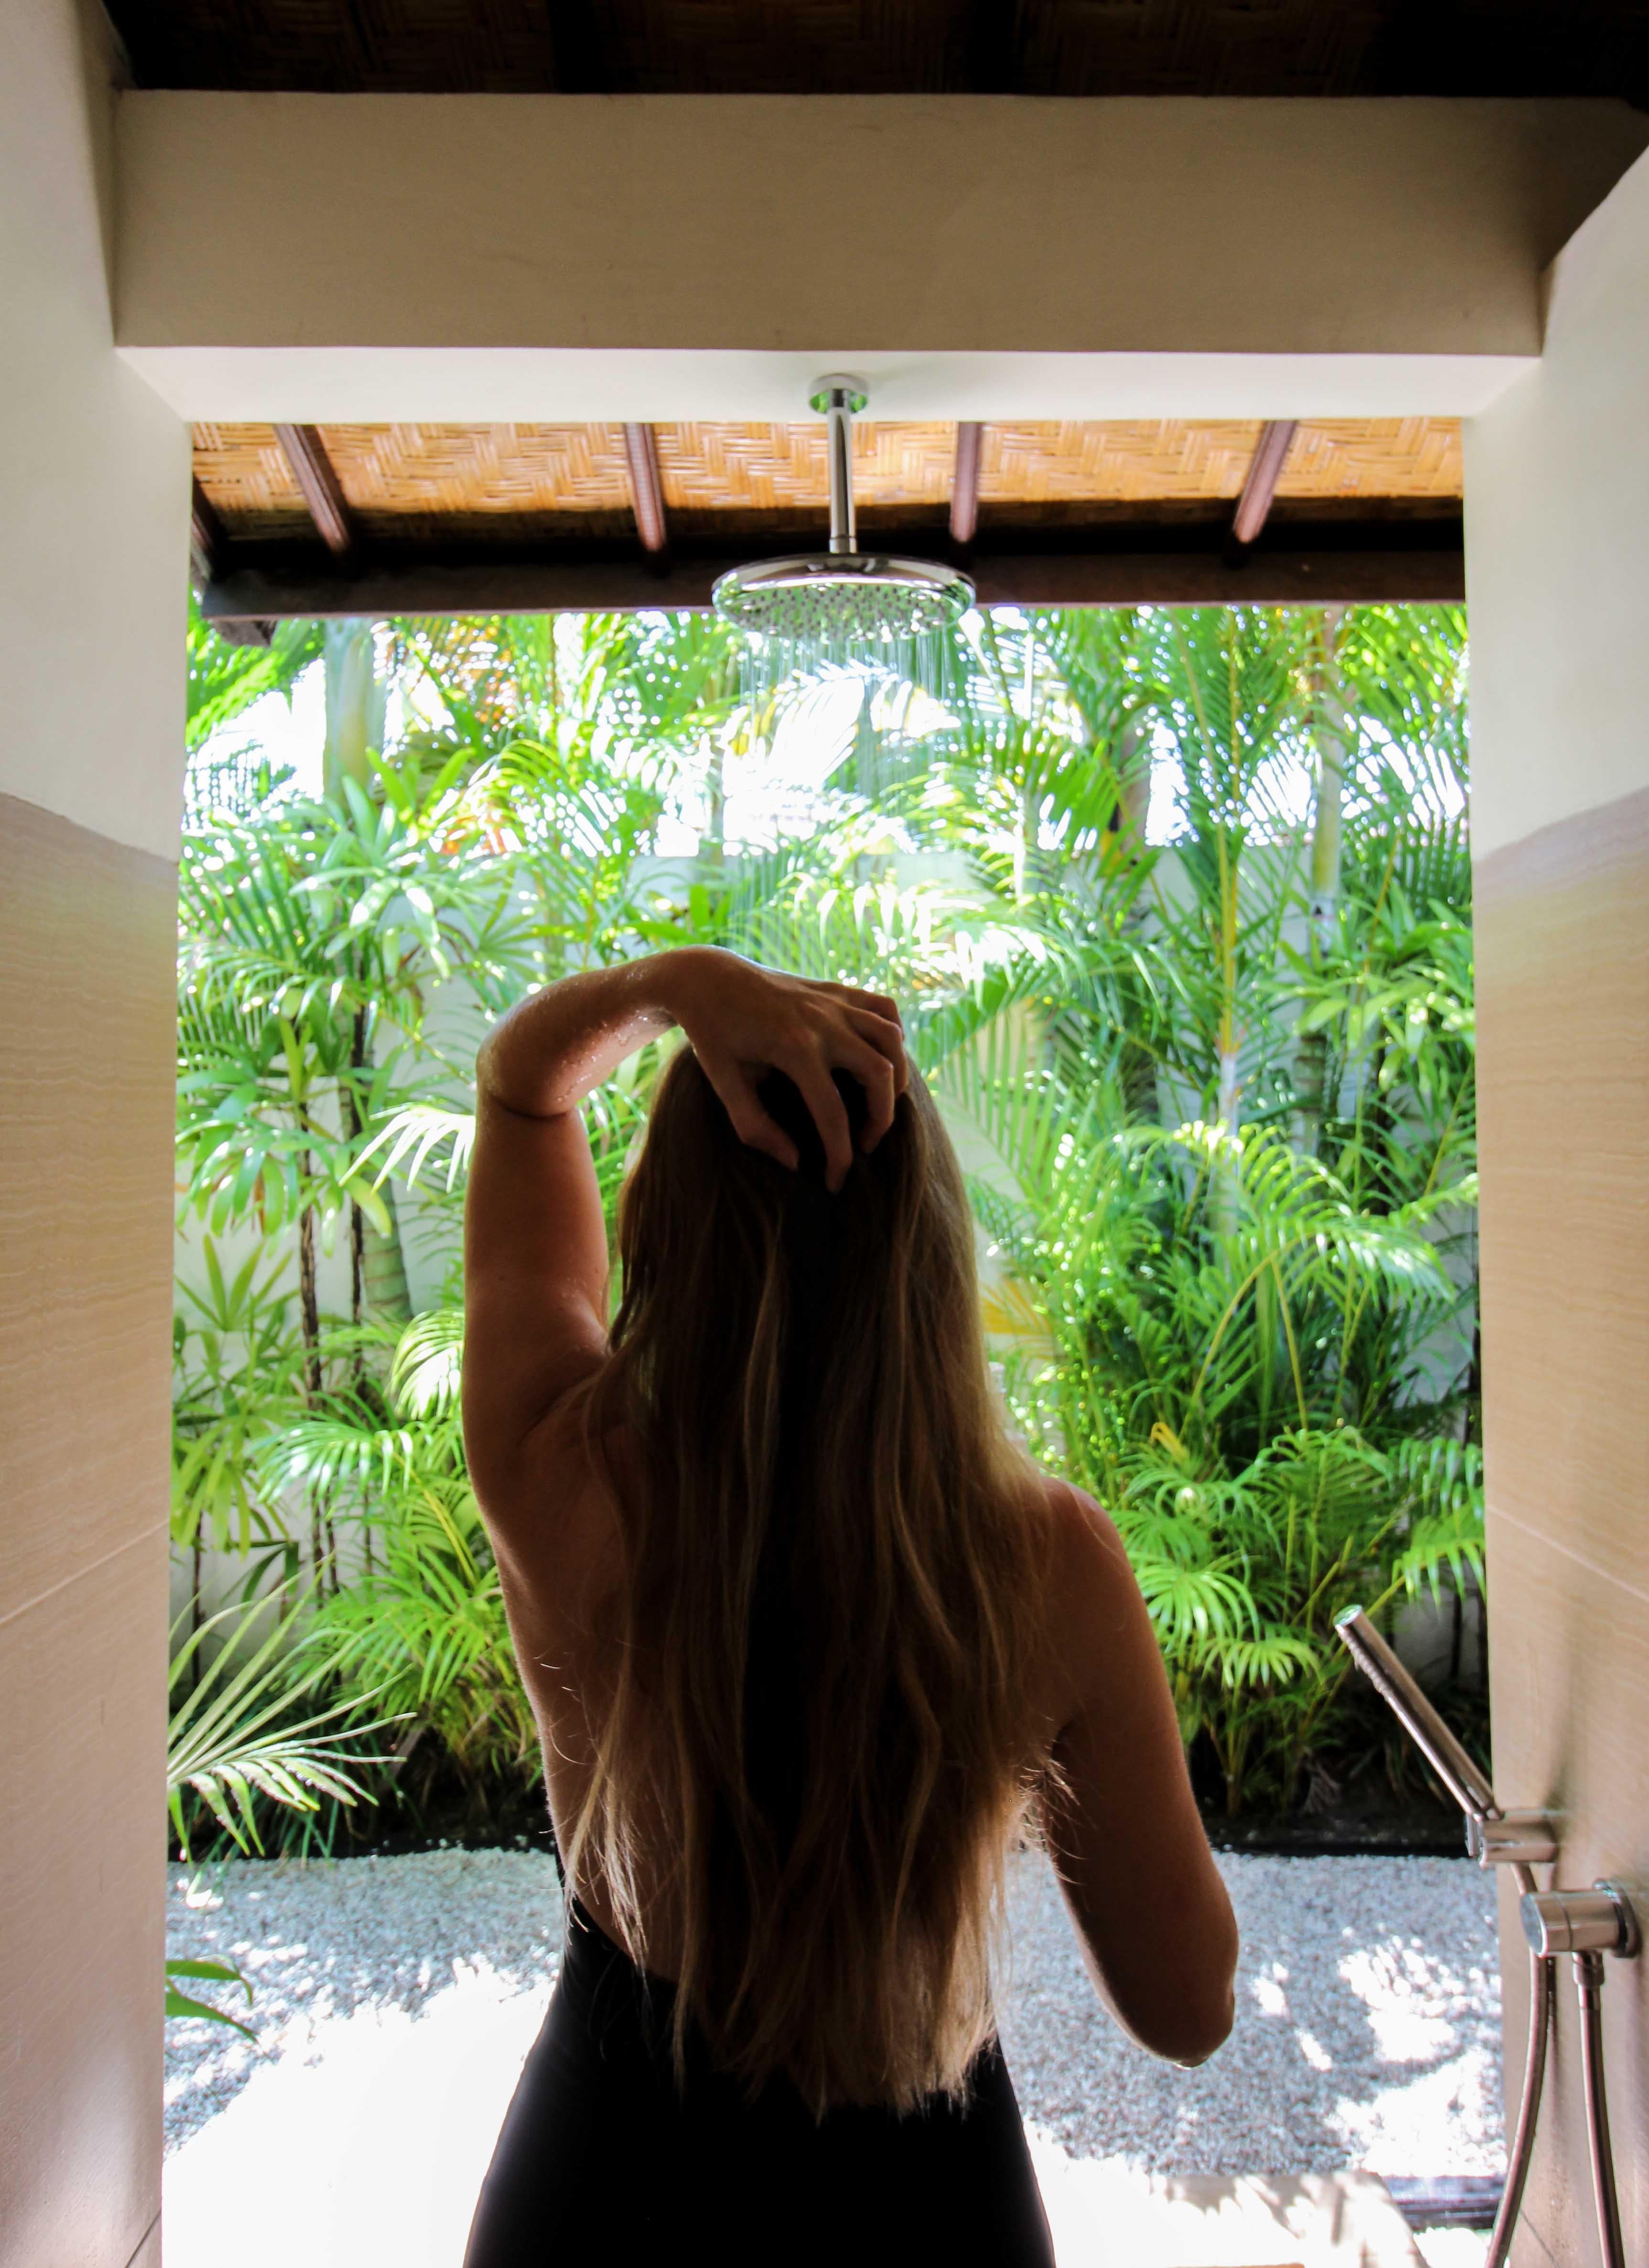 Haarpflege Halier Fortesse Shampoo Conditioner Test gesundes kräftiges Haar Beauty Blog Bali Dusche Villa